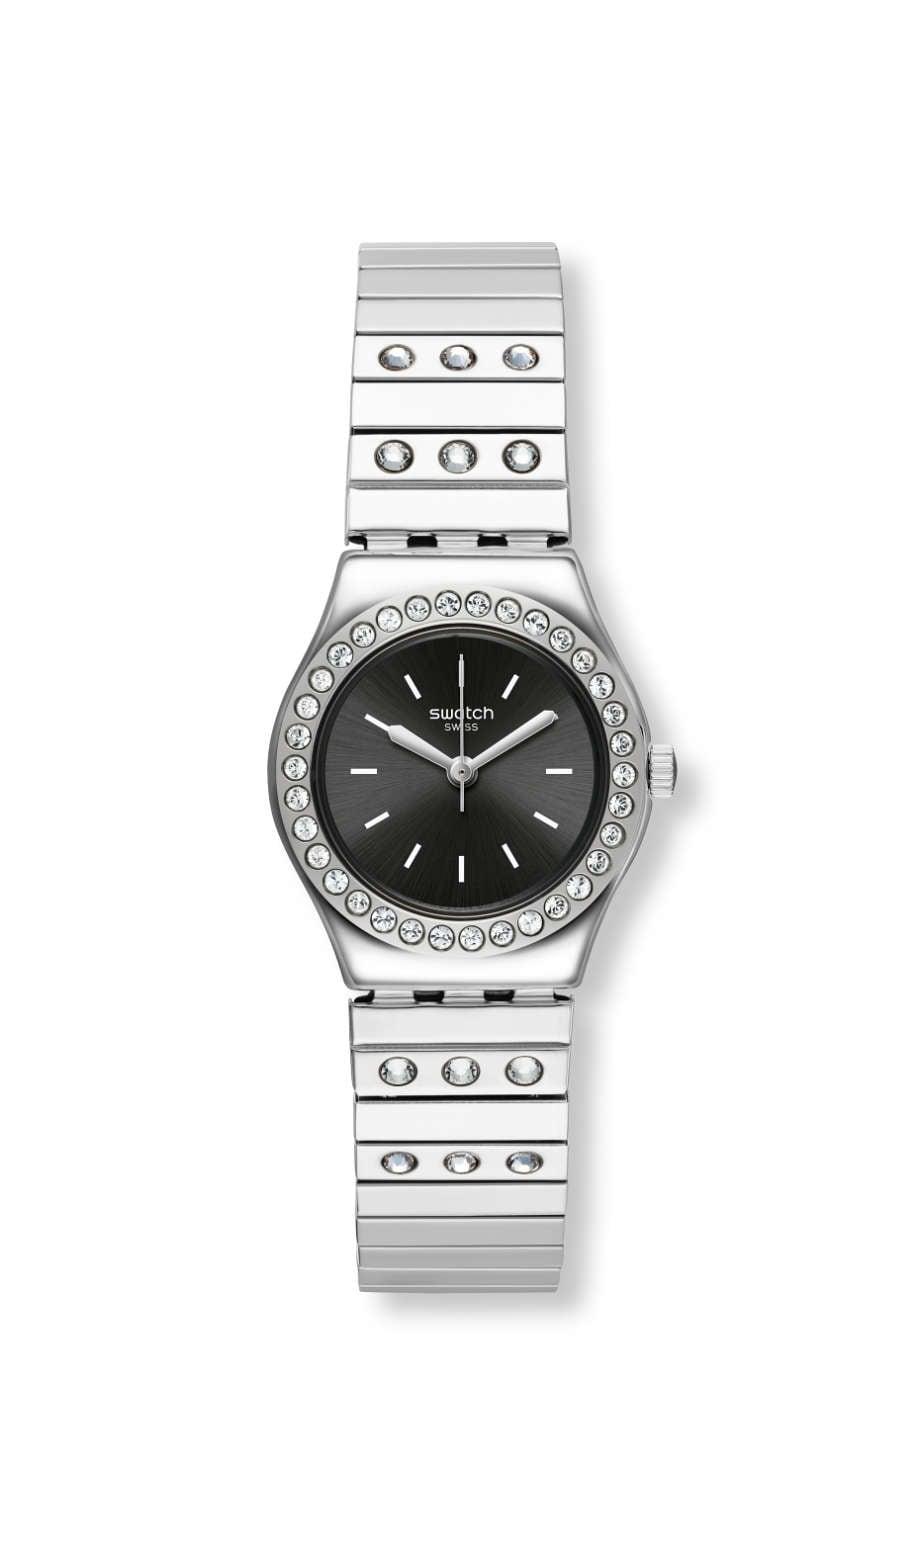 Swatch - TAN LI - 1